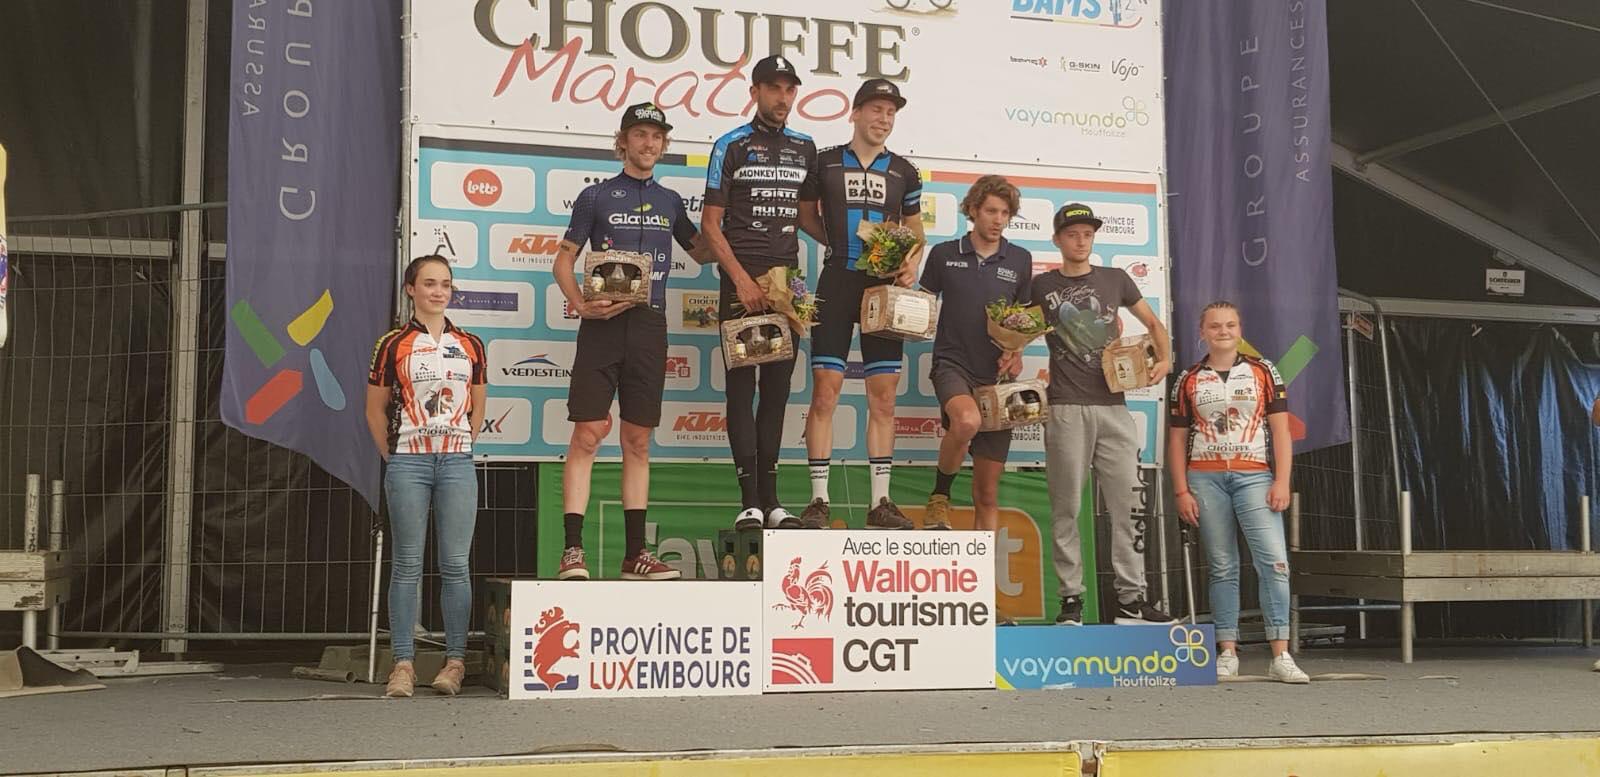 Nederland boven tijdens Chouffe Marathon